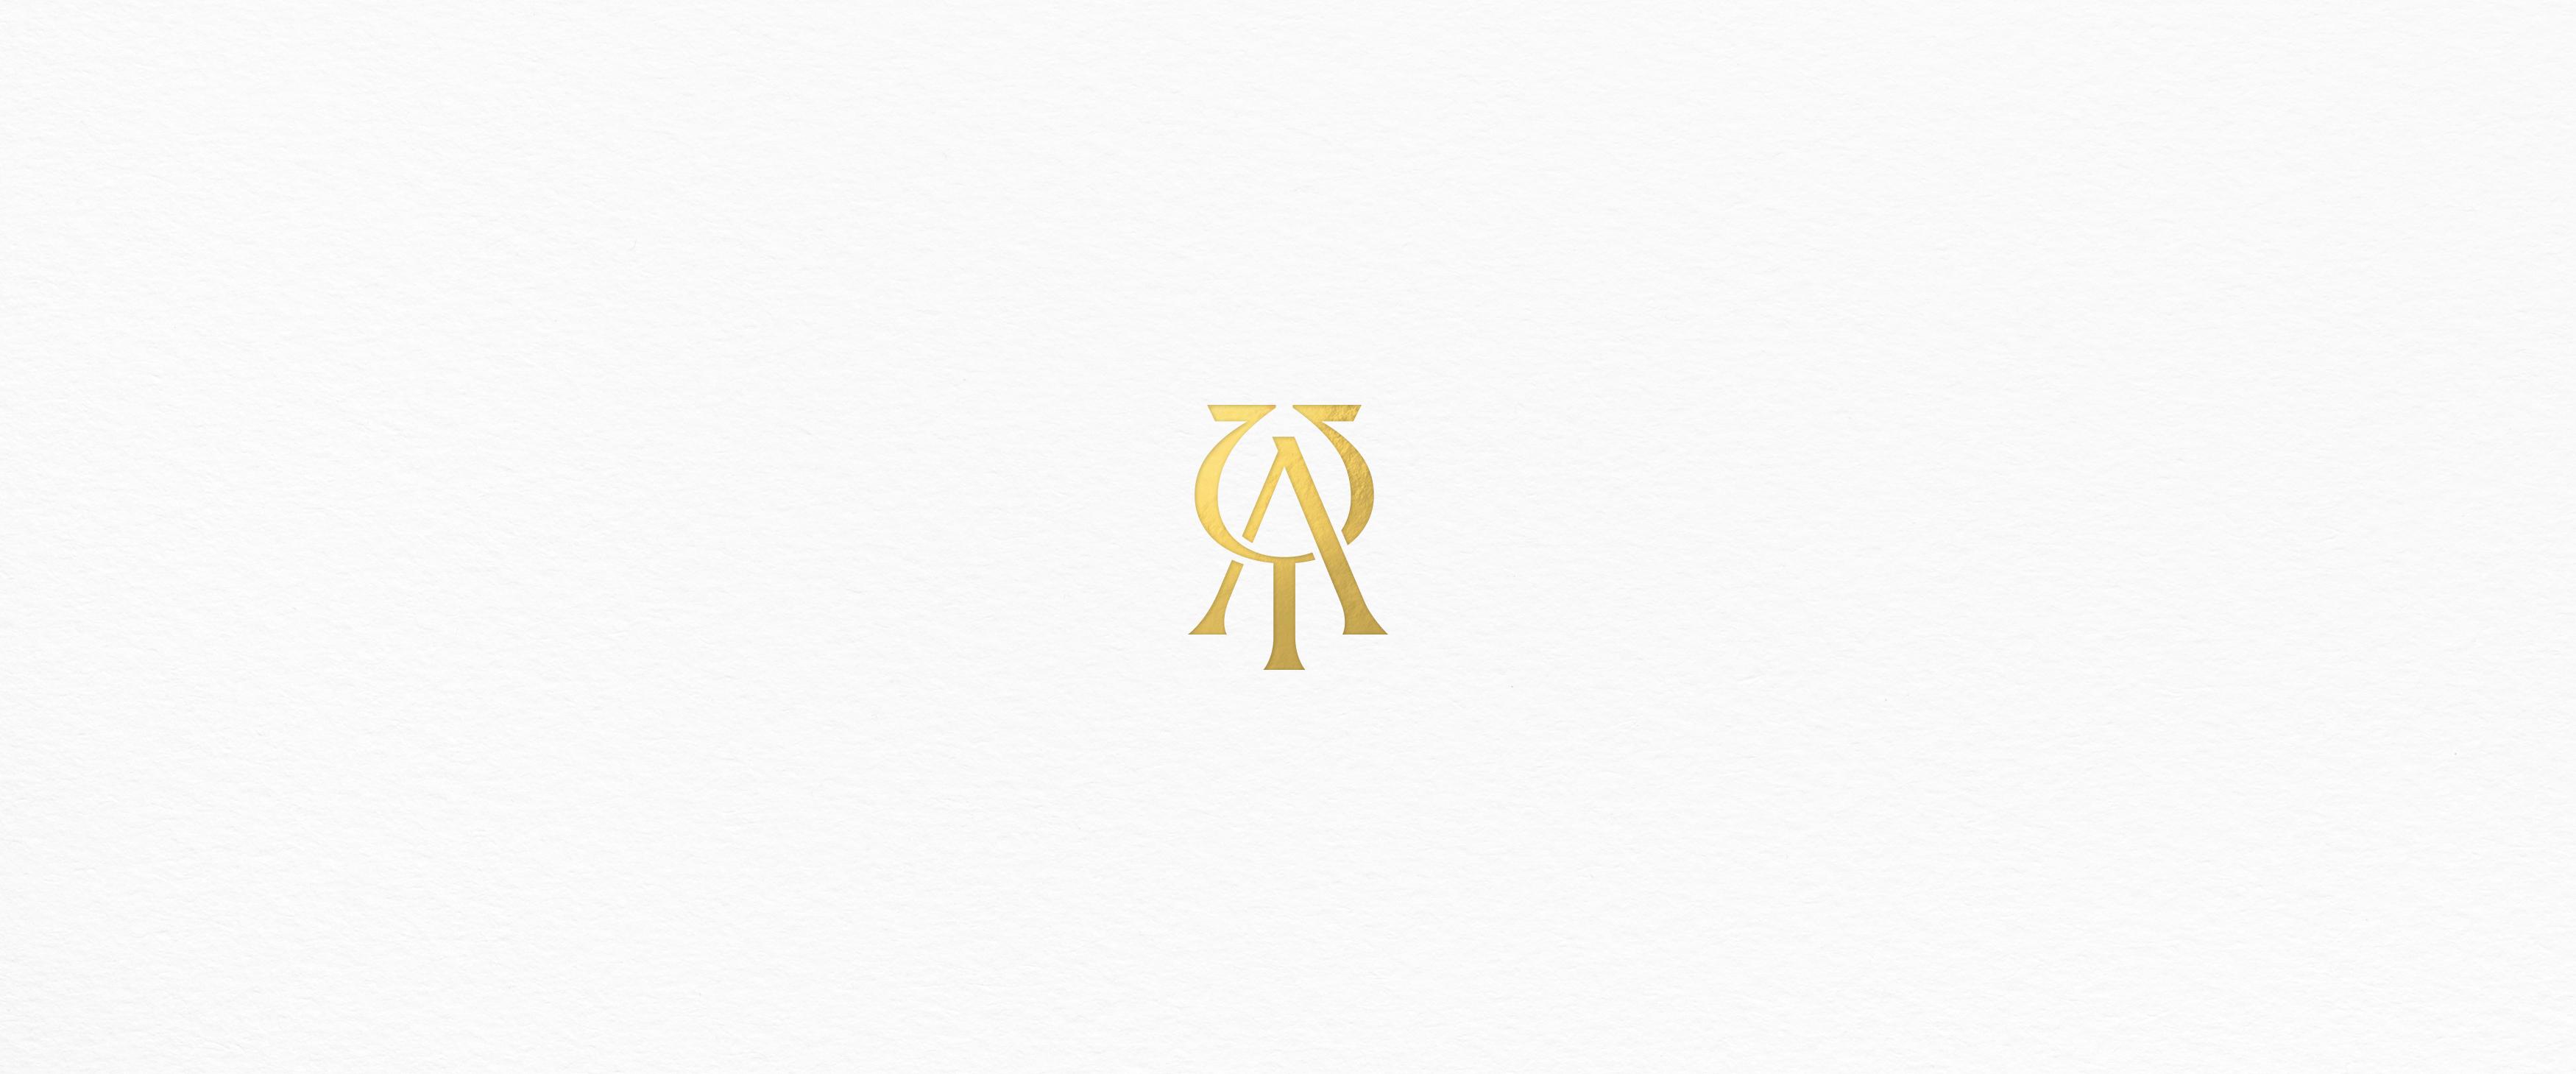 andrey_emblem_gold_texture